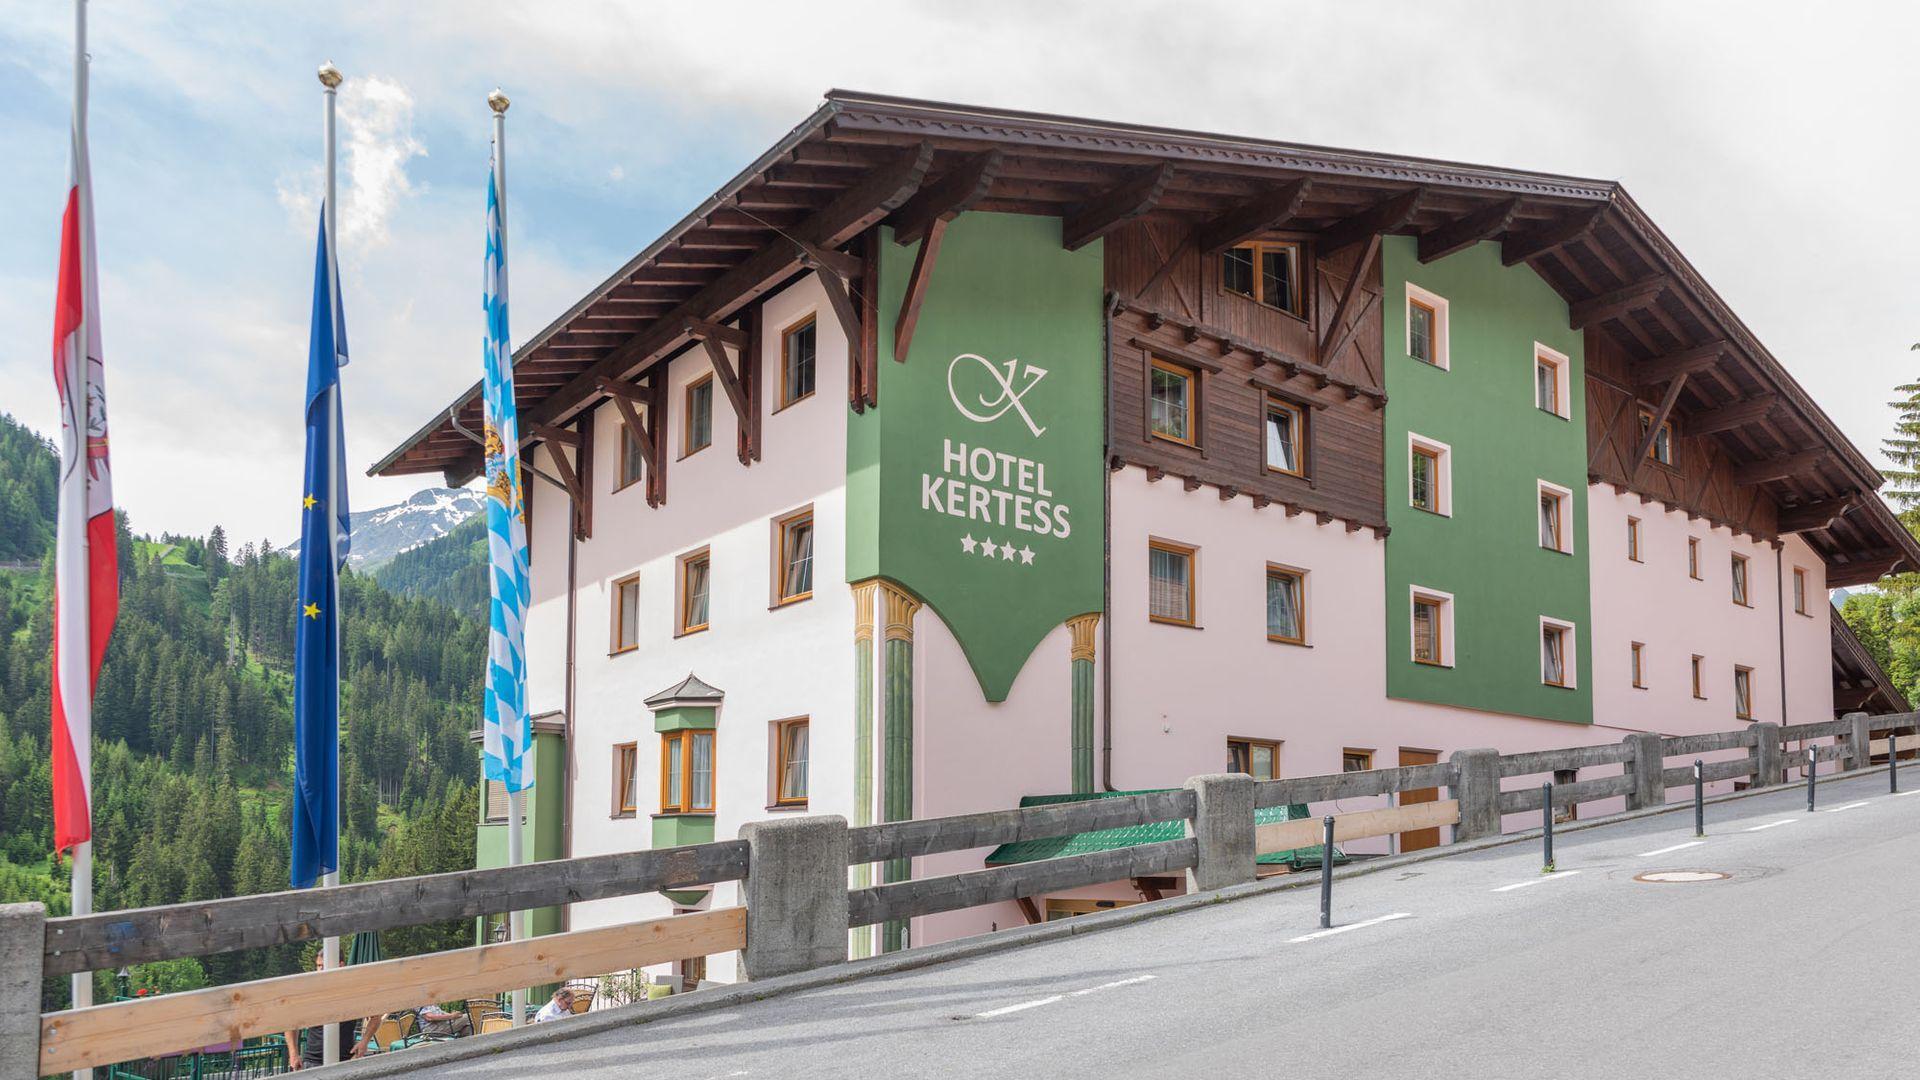 4* Hotel Kertess